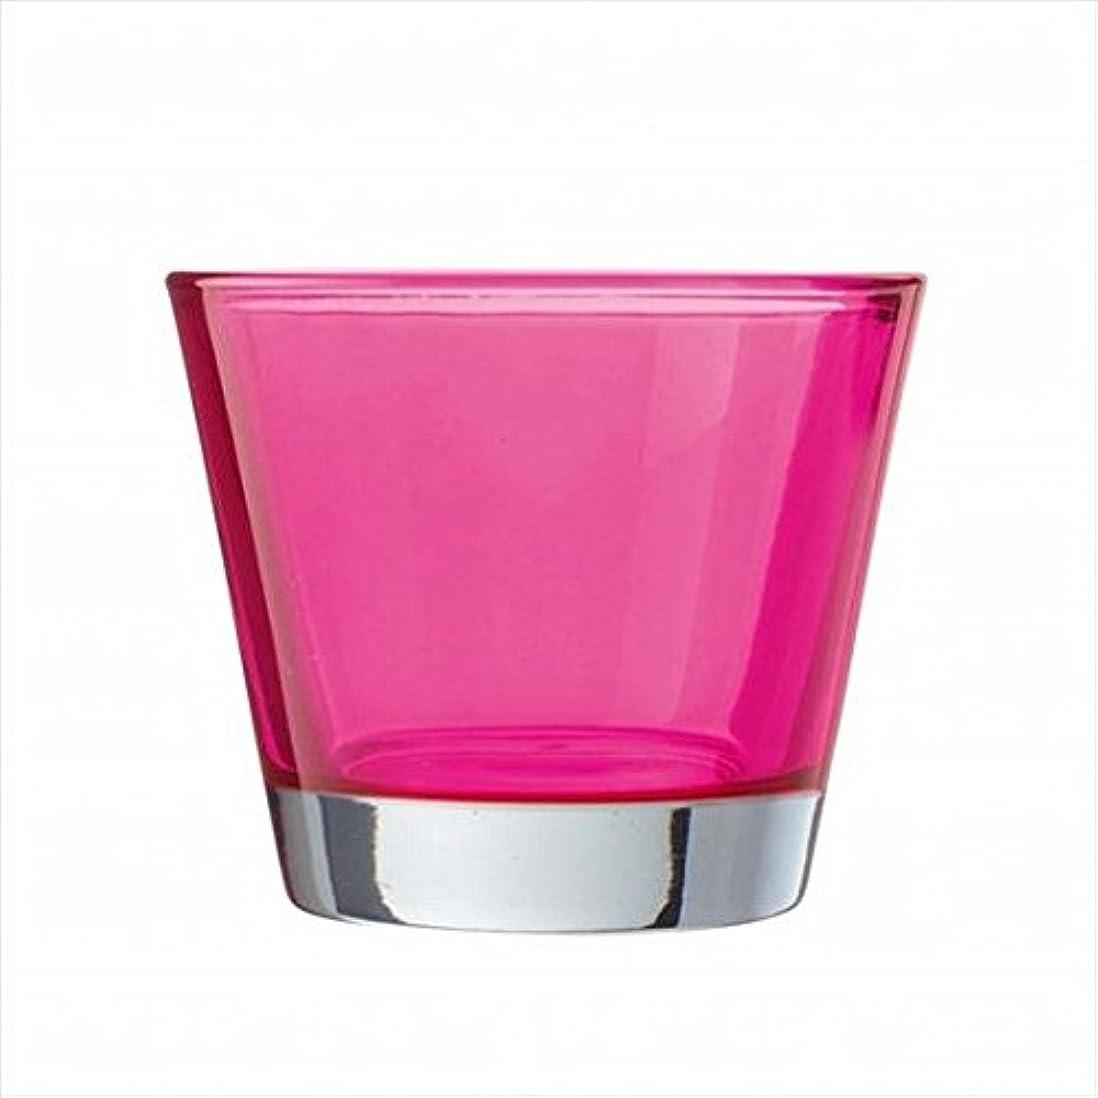 公園送った裕福なkameyama candle(カメヤマキャンドル) カラリス 「 ピンク 」 キャンドル 82x82x70mm (J2540000PK)